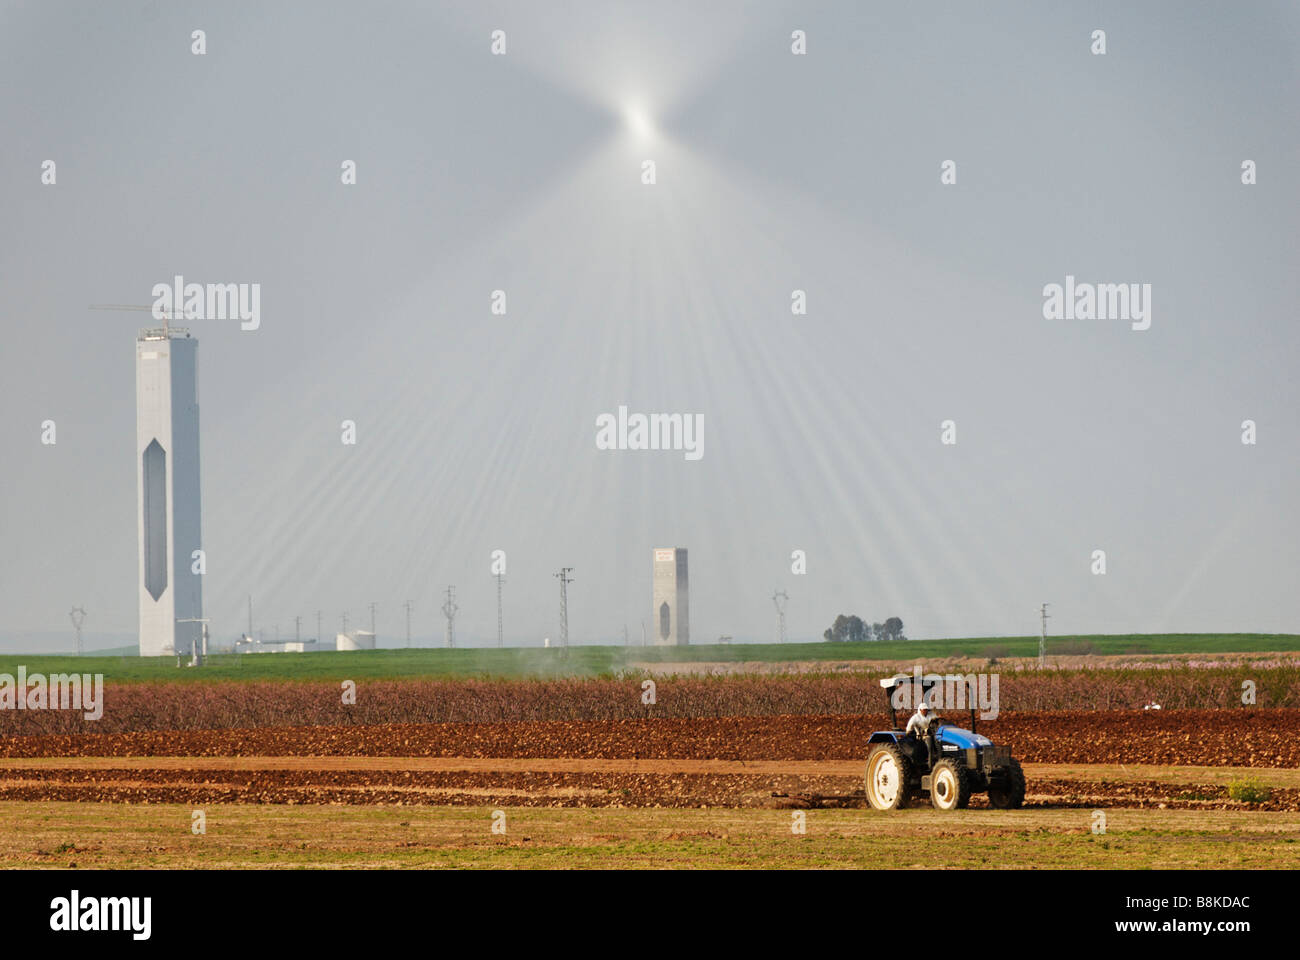 PS20 centrale solare a torre in costruzione produrranno energia termoelettrica dal sole - Abengoa Solúcar Spagna Immagini Stock